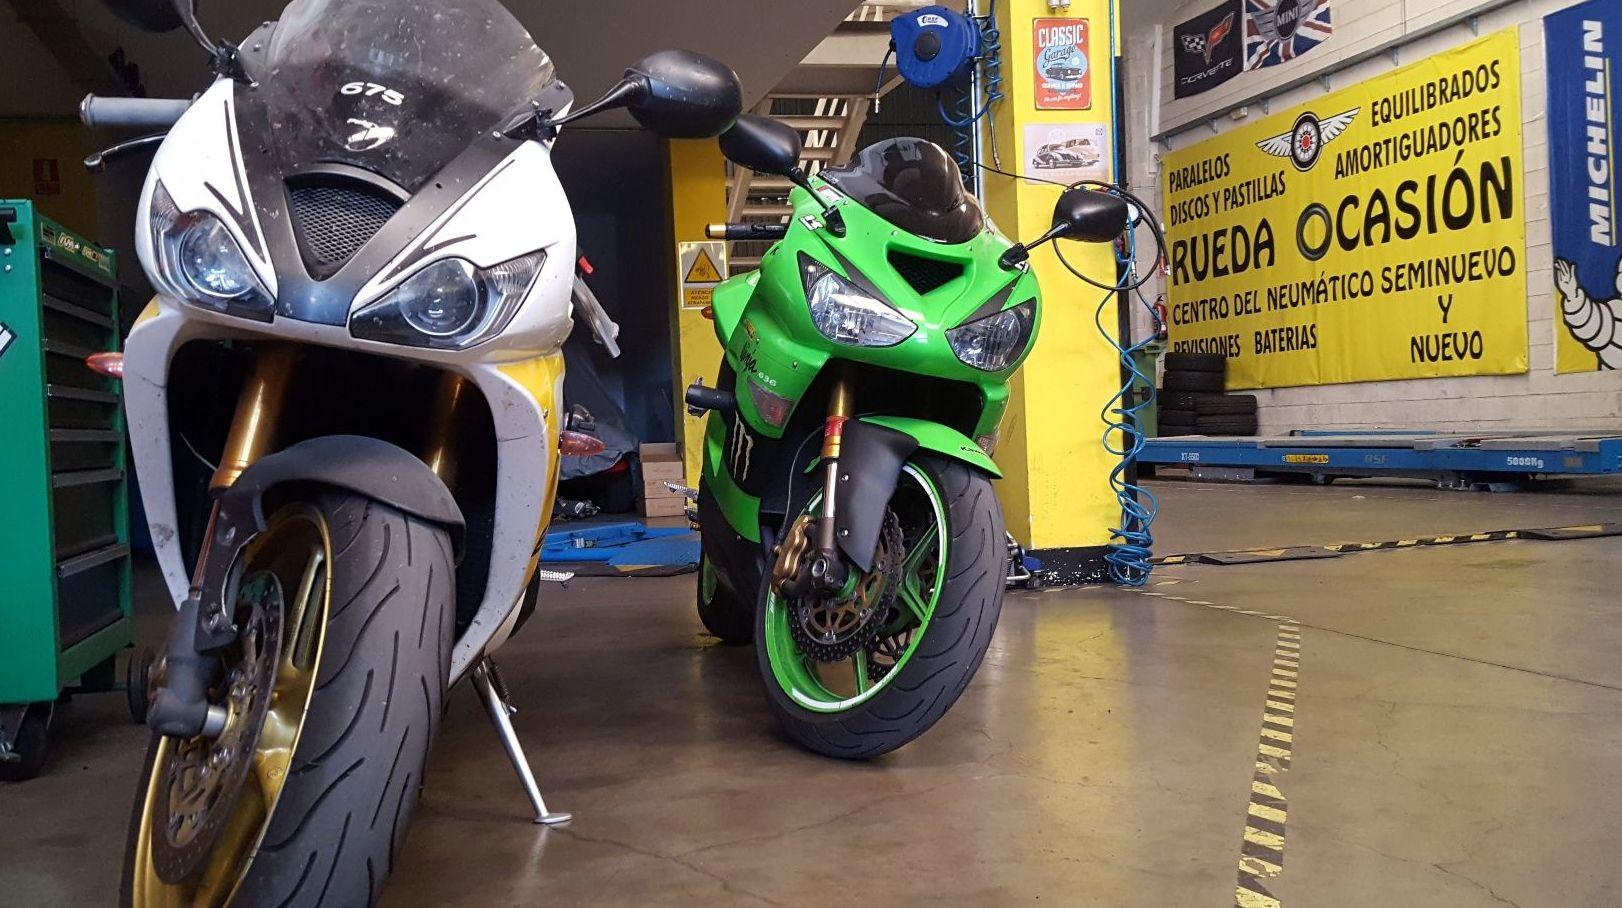 Foto 18 de Neumáticos en Colmenar Viejo | Rueda Ocasión